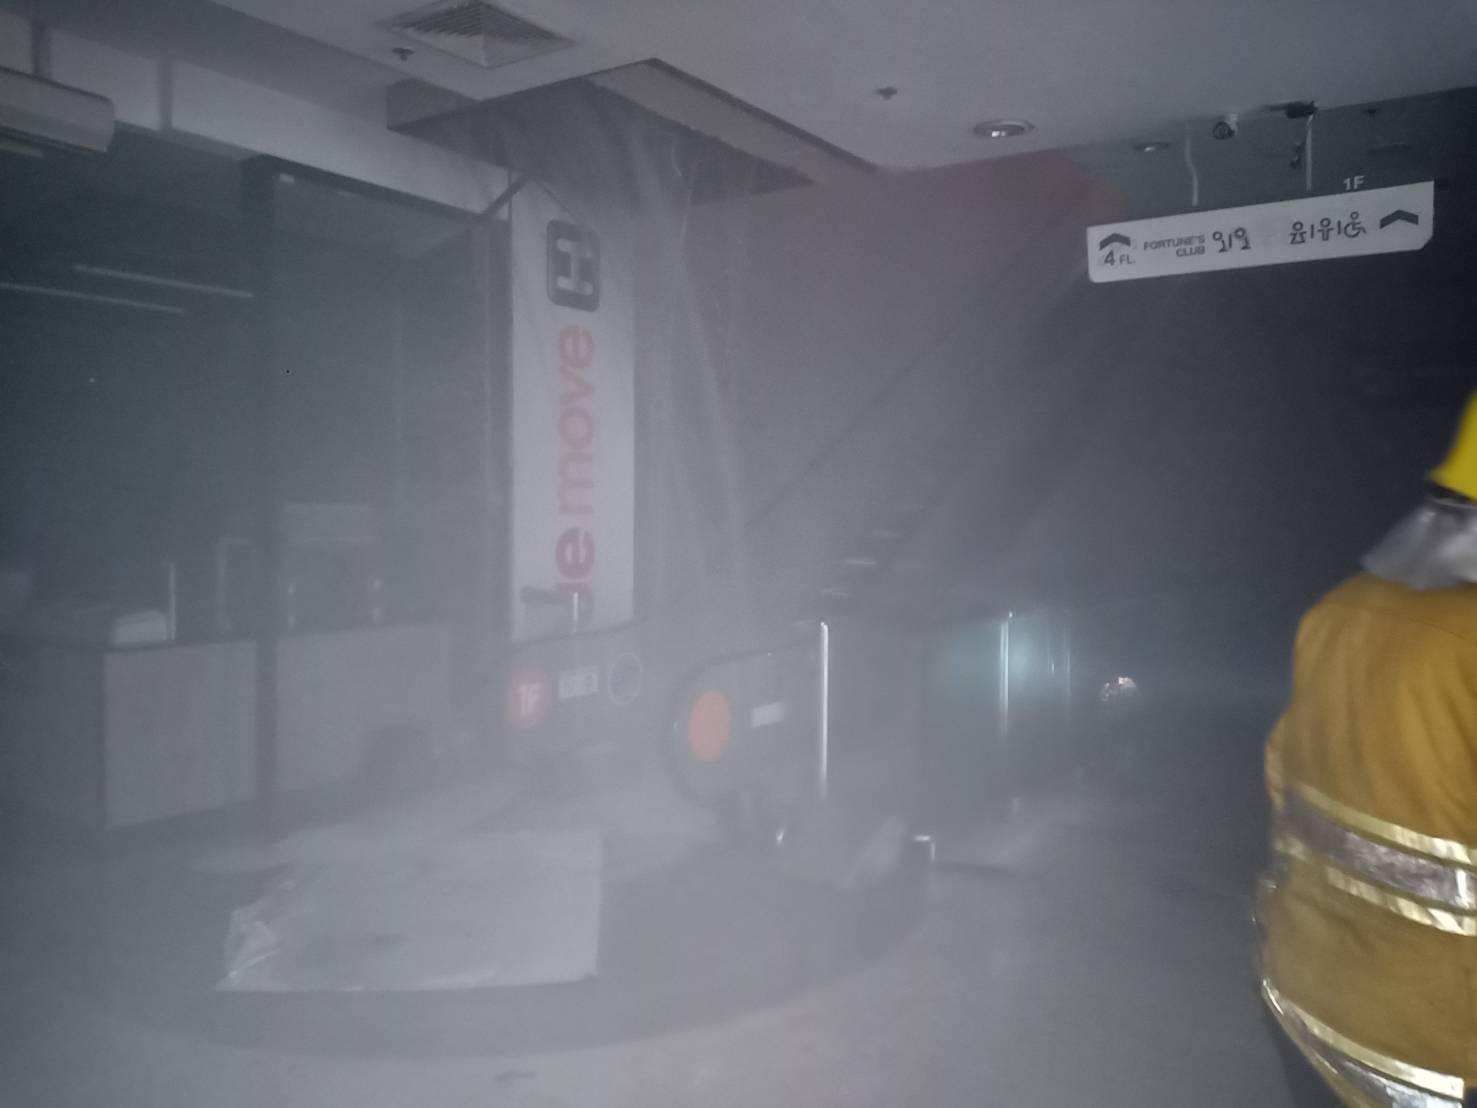 """ควบคุมเพลิงได้แล้ว ไฟไหม้""""ห้างฟอร์จูนฯ"""" ต้นเพลิงจากร้านอาหารชั้น 4 จนท.เร่งระบายควัน"""